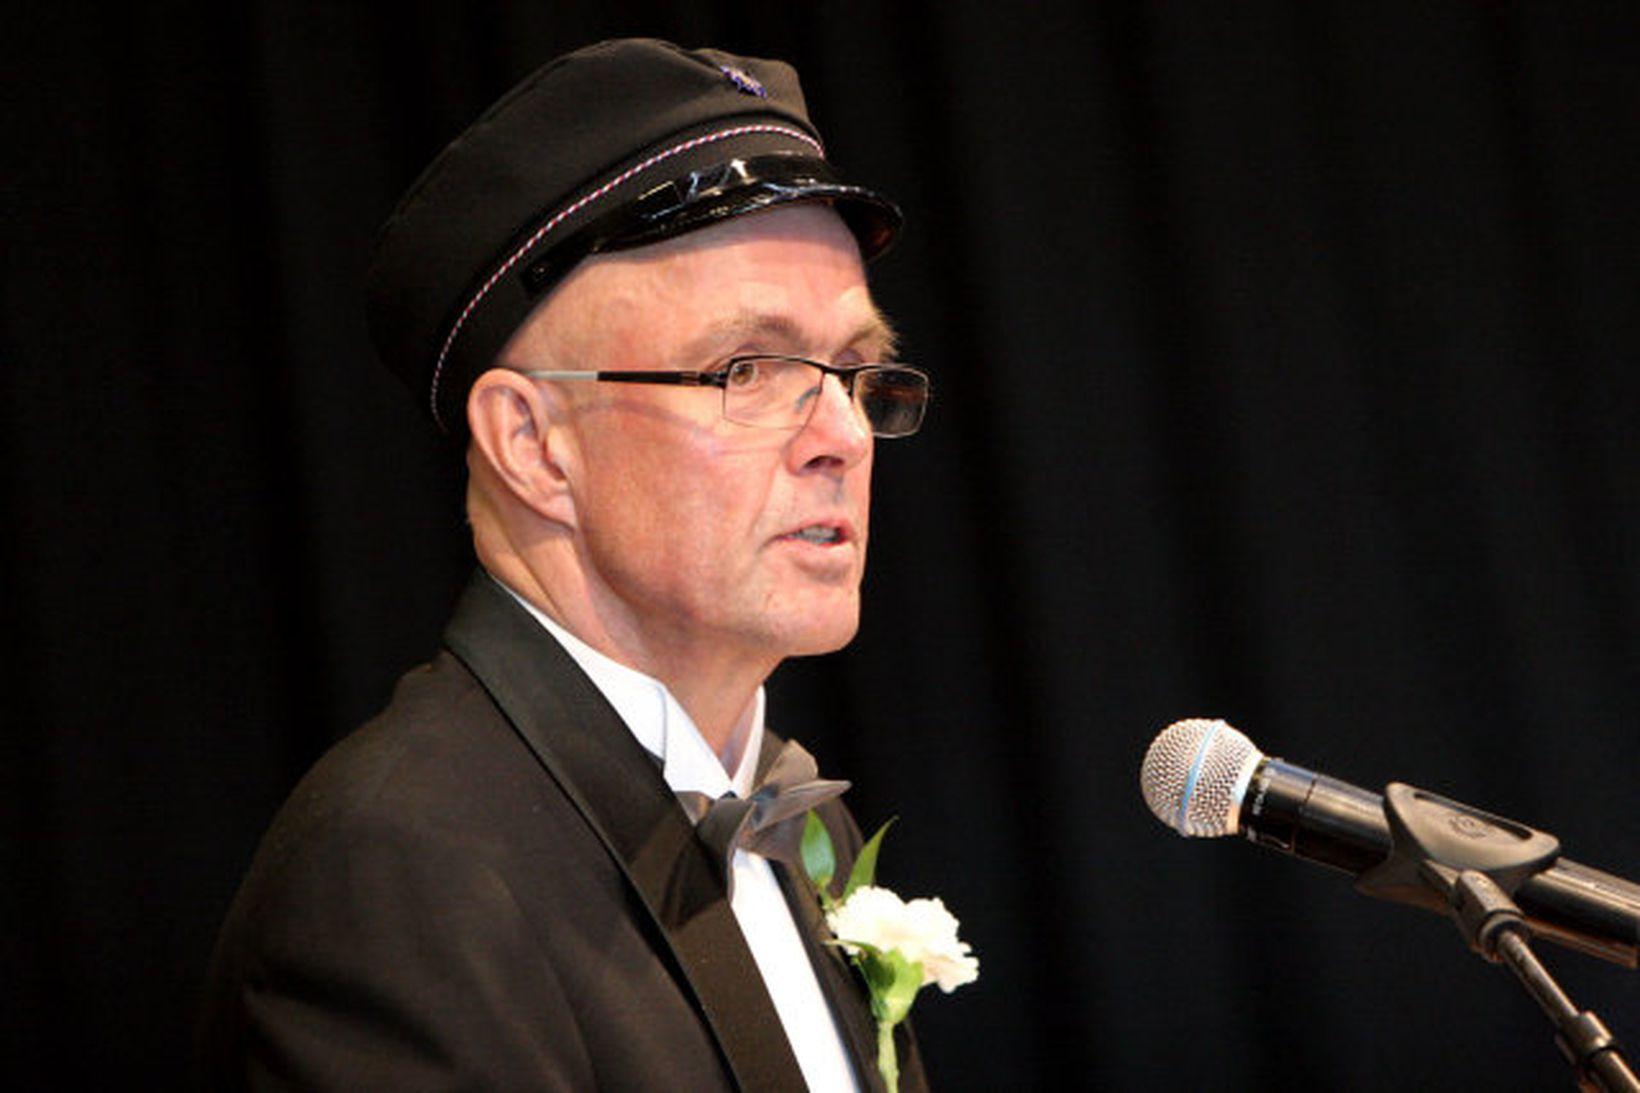 Hjalti Jón Sveinsson skólameistari VMA við brautskráninguna í morgun.